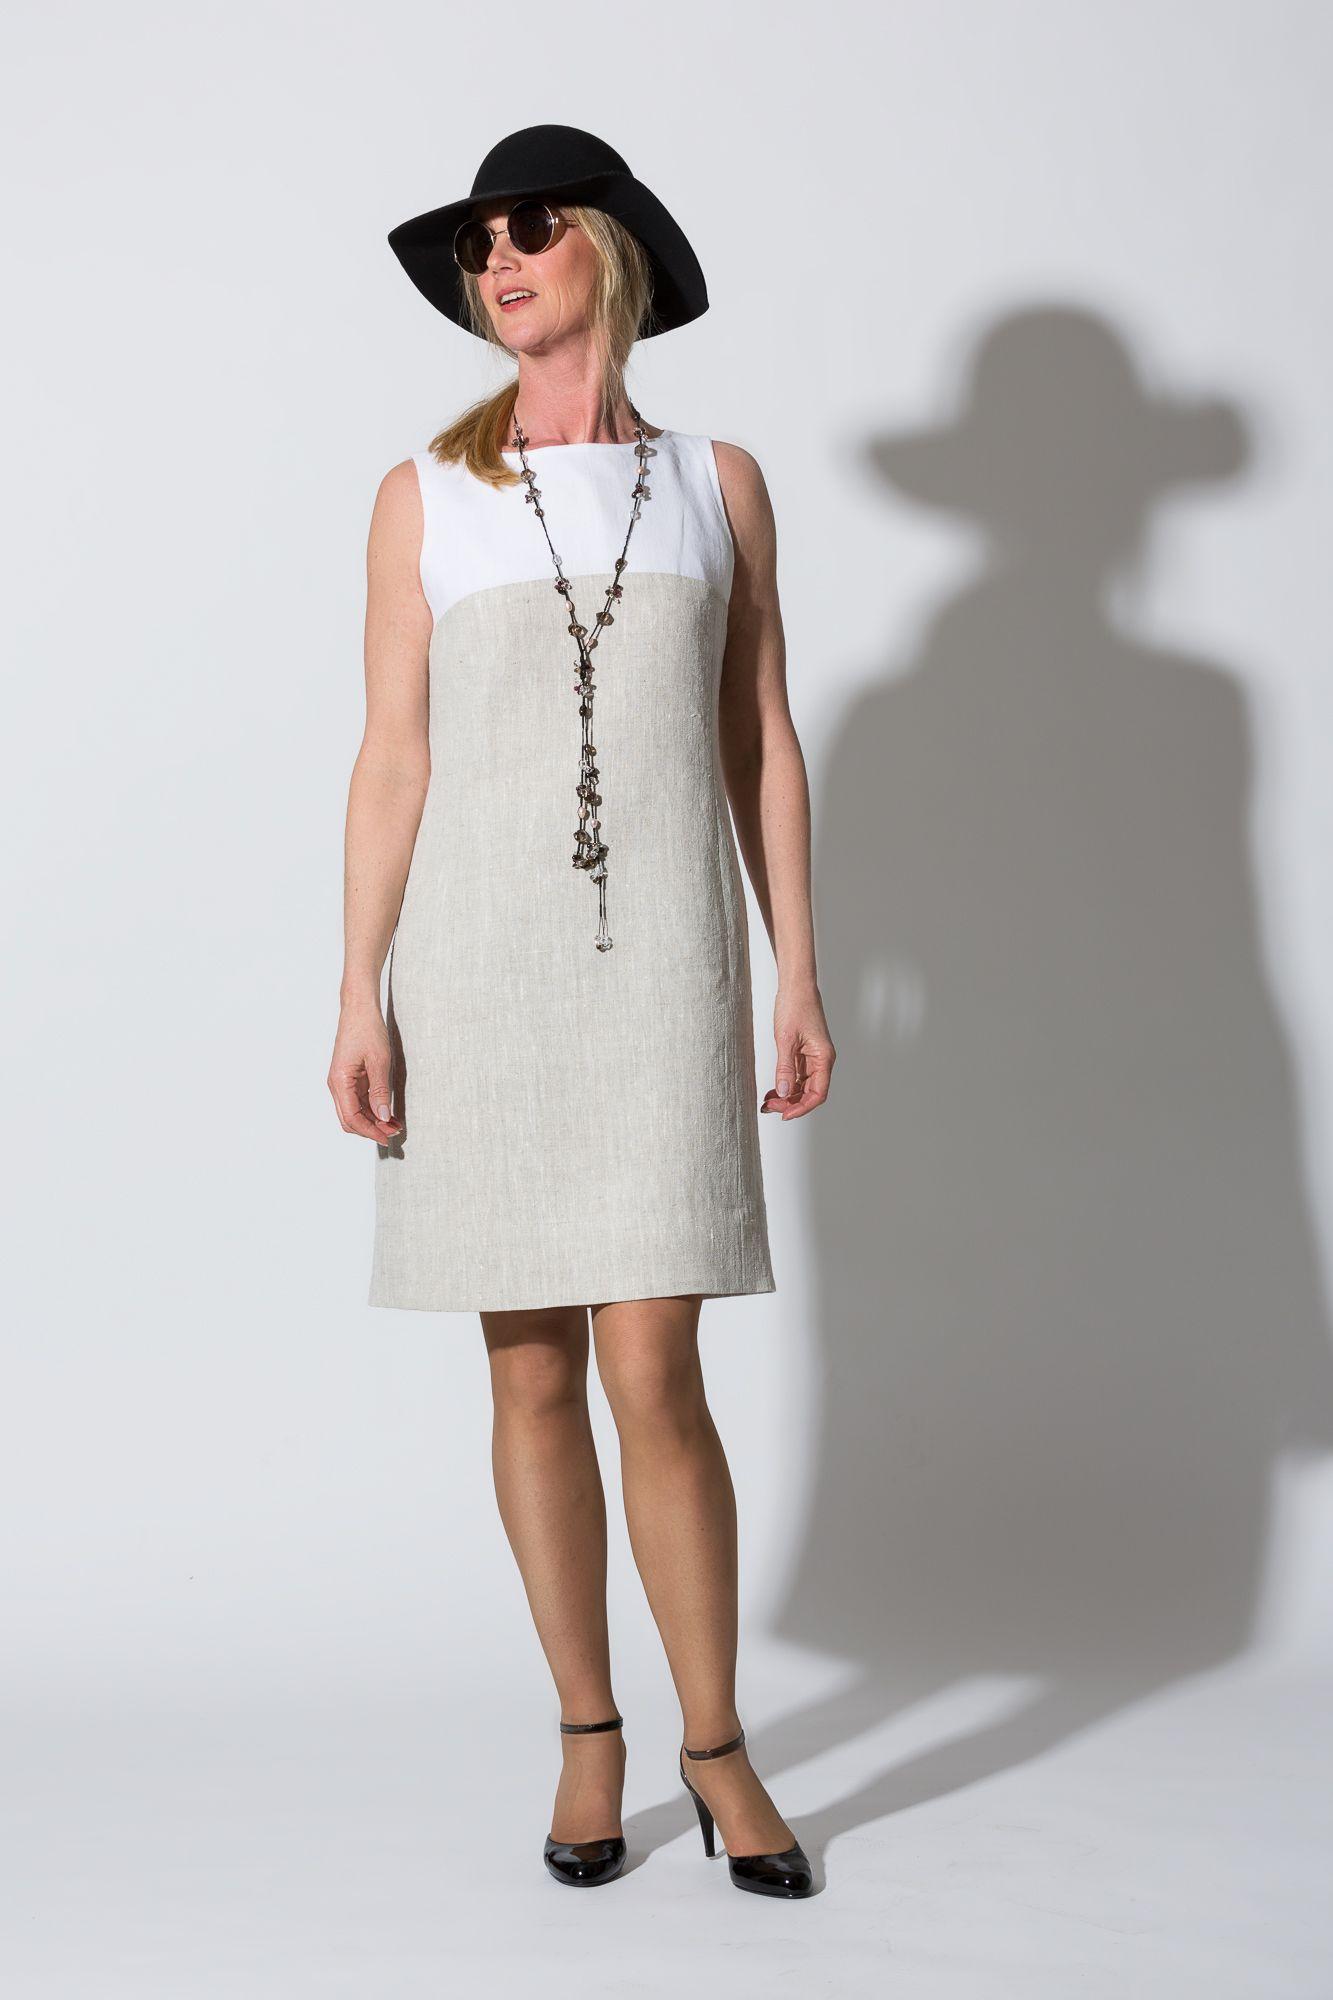 e94aaa7456be Linnekläder.Tvåfärgad linneklänning. Dress in linen fabric. Finns hos Lisas  Slow Fashion.